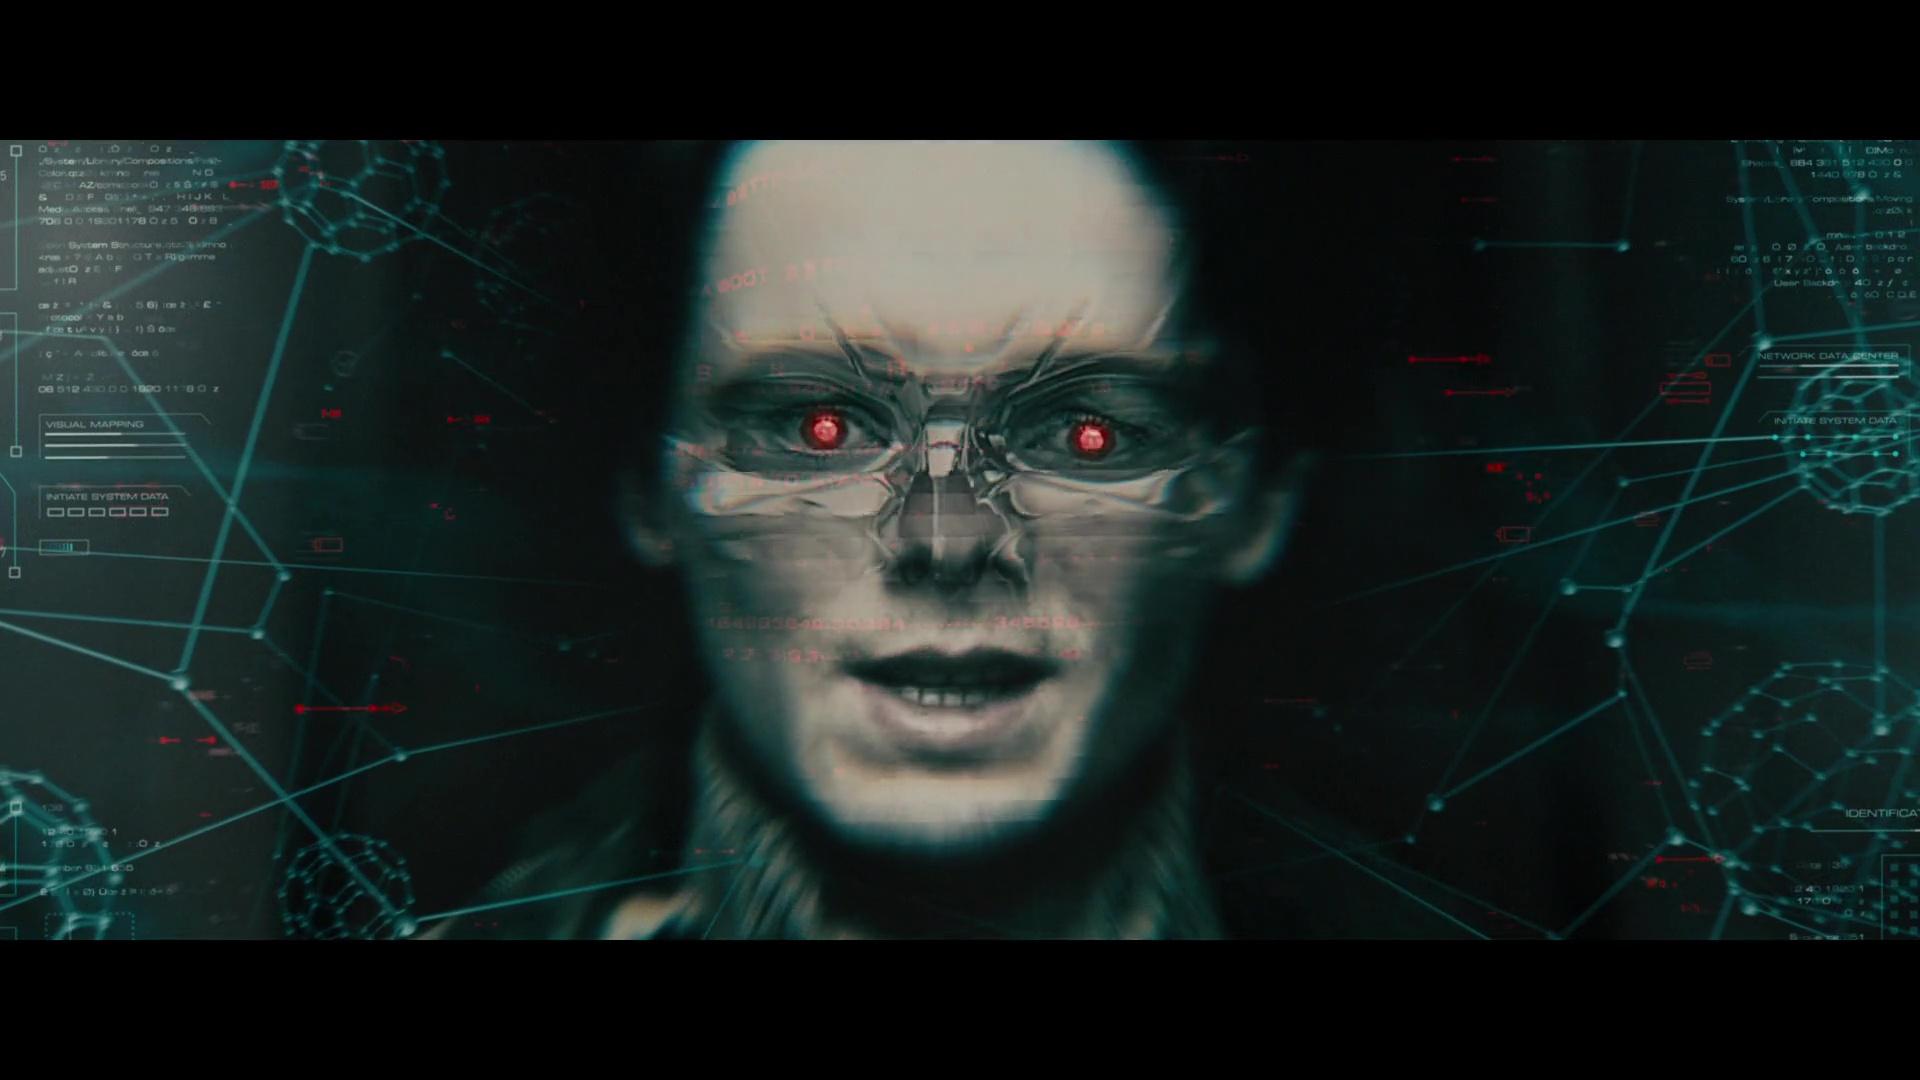 El Exterminador 4 La Salvacion 1080p Lat-Cast-Ing 5.1 (2009)